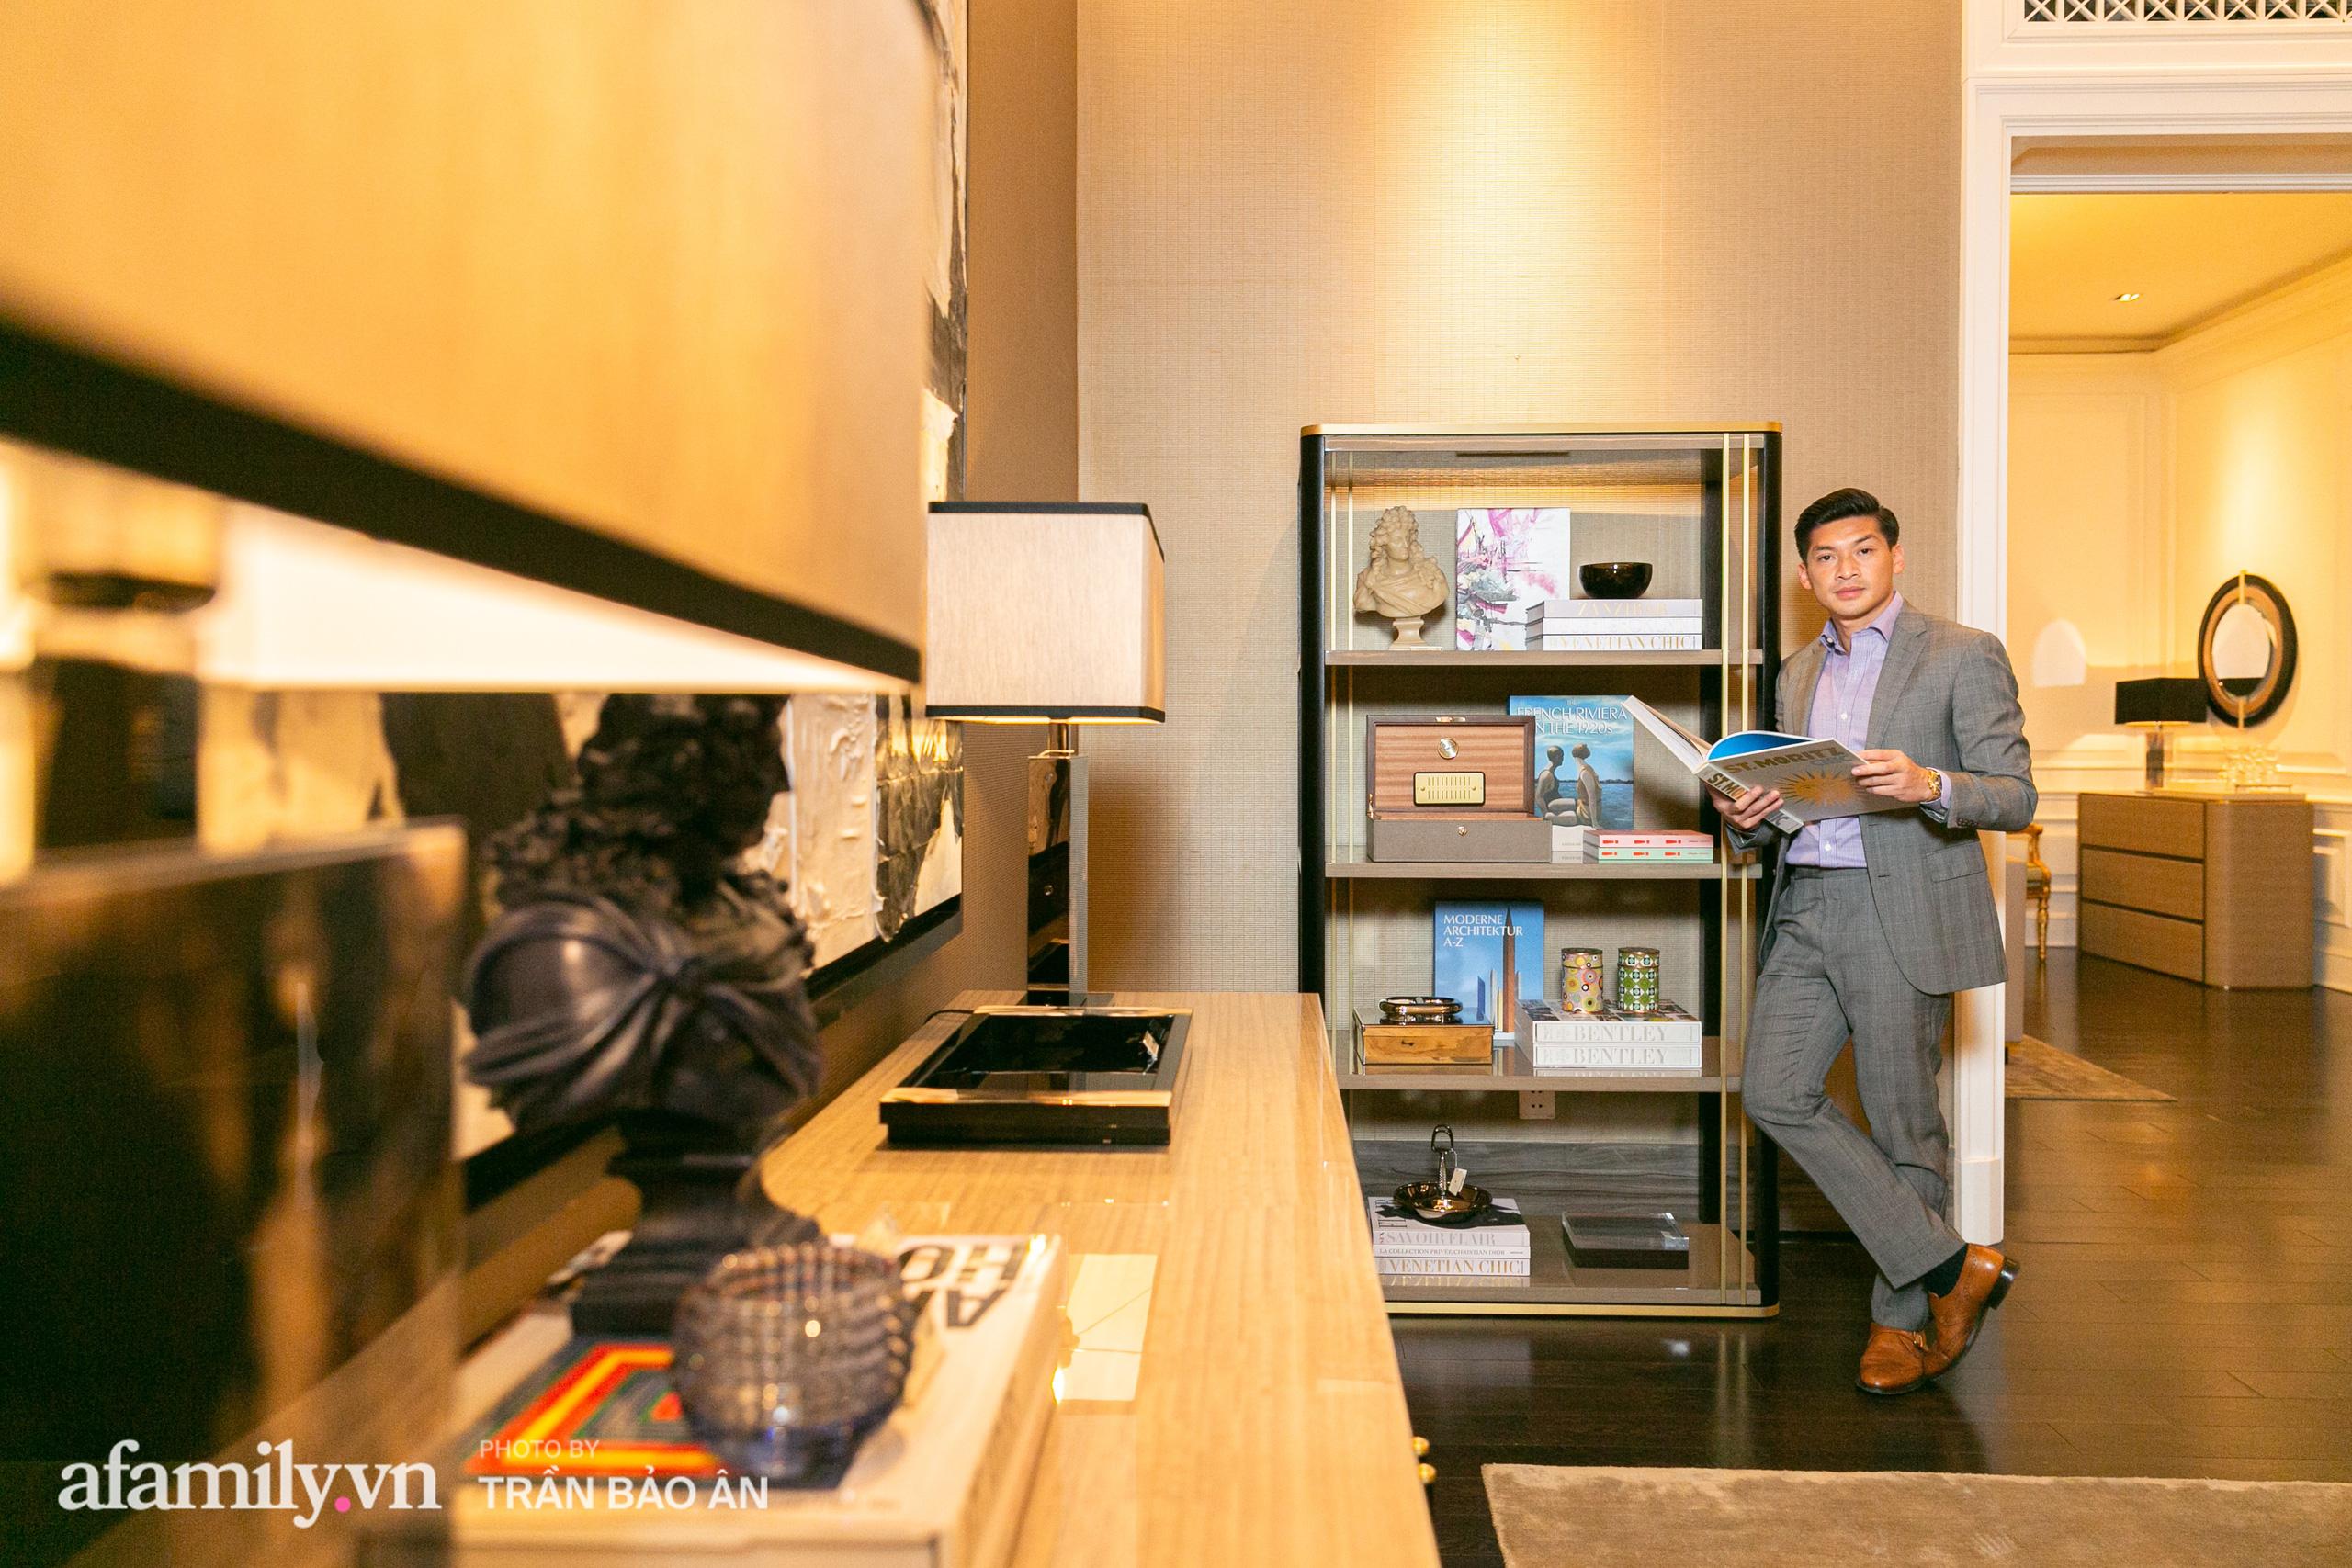 """Yves Huy Phan – CEO 30 tuổi đã làm chủ đế chế nội thất xa xỉ tiết lộ quá trình """"làm giàu"""" và điều bí mật ai cũng tò mò trong mối tình đồng giới với nhà thiết kế nổi tiếng - Ảnh 2."""